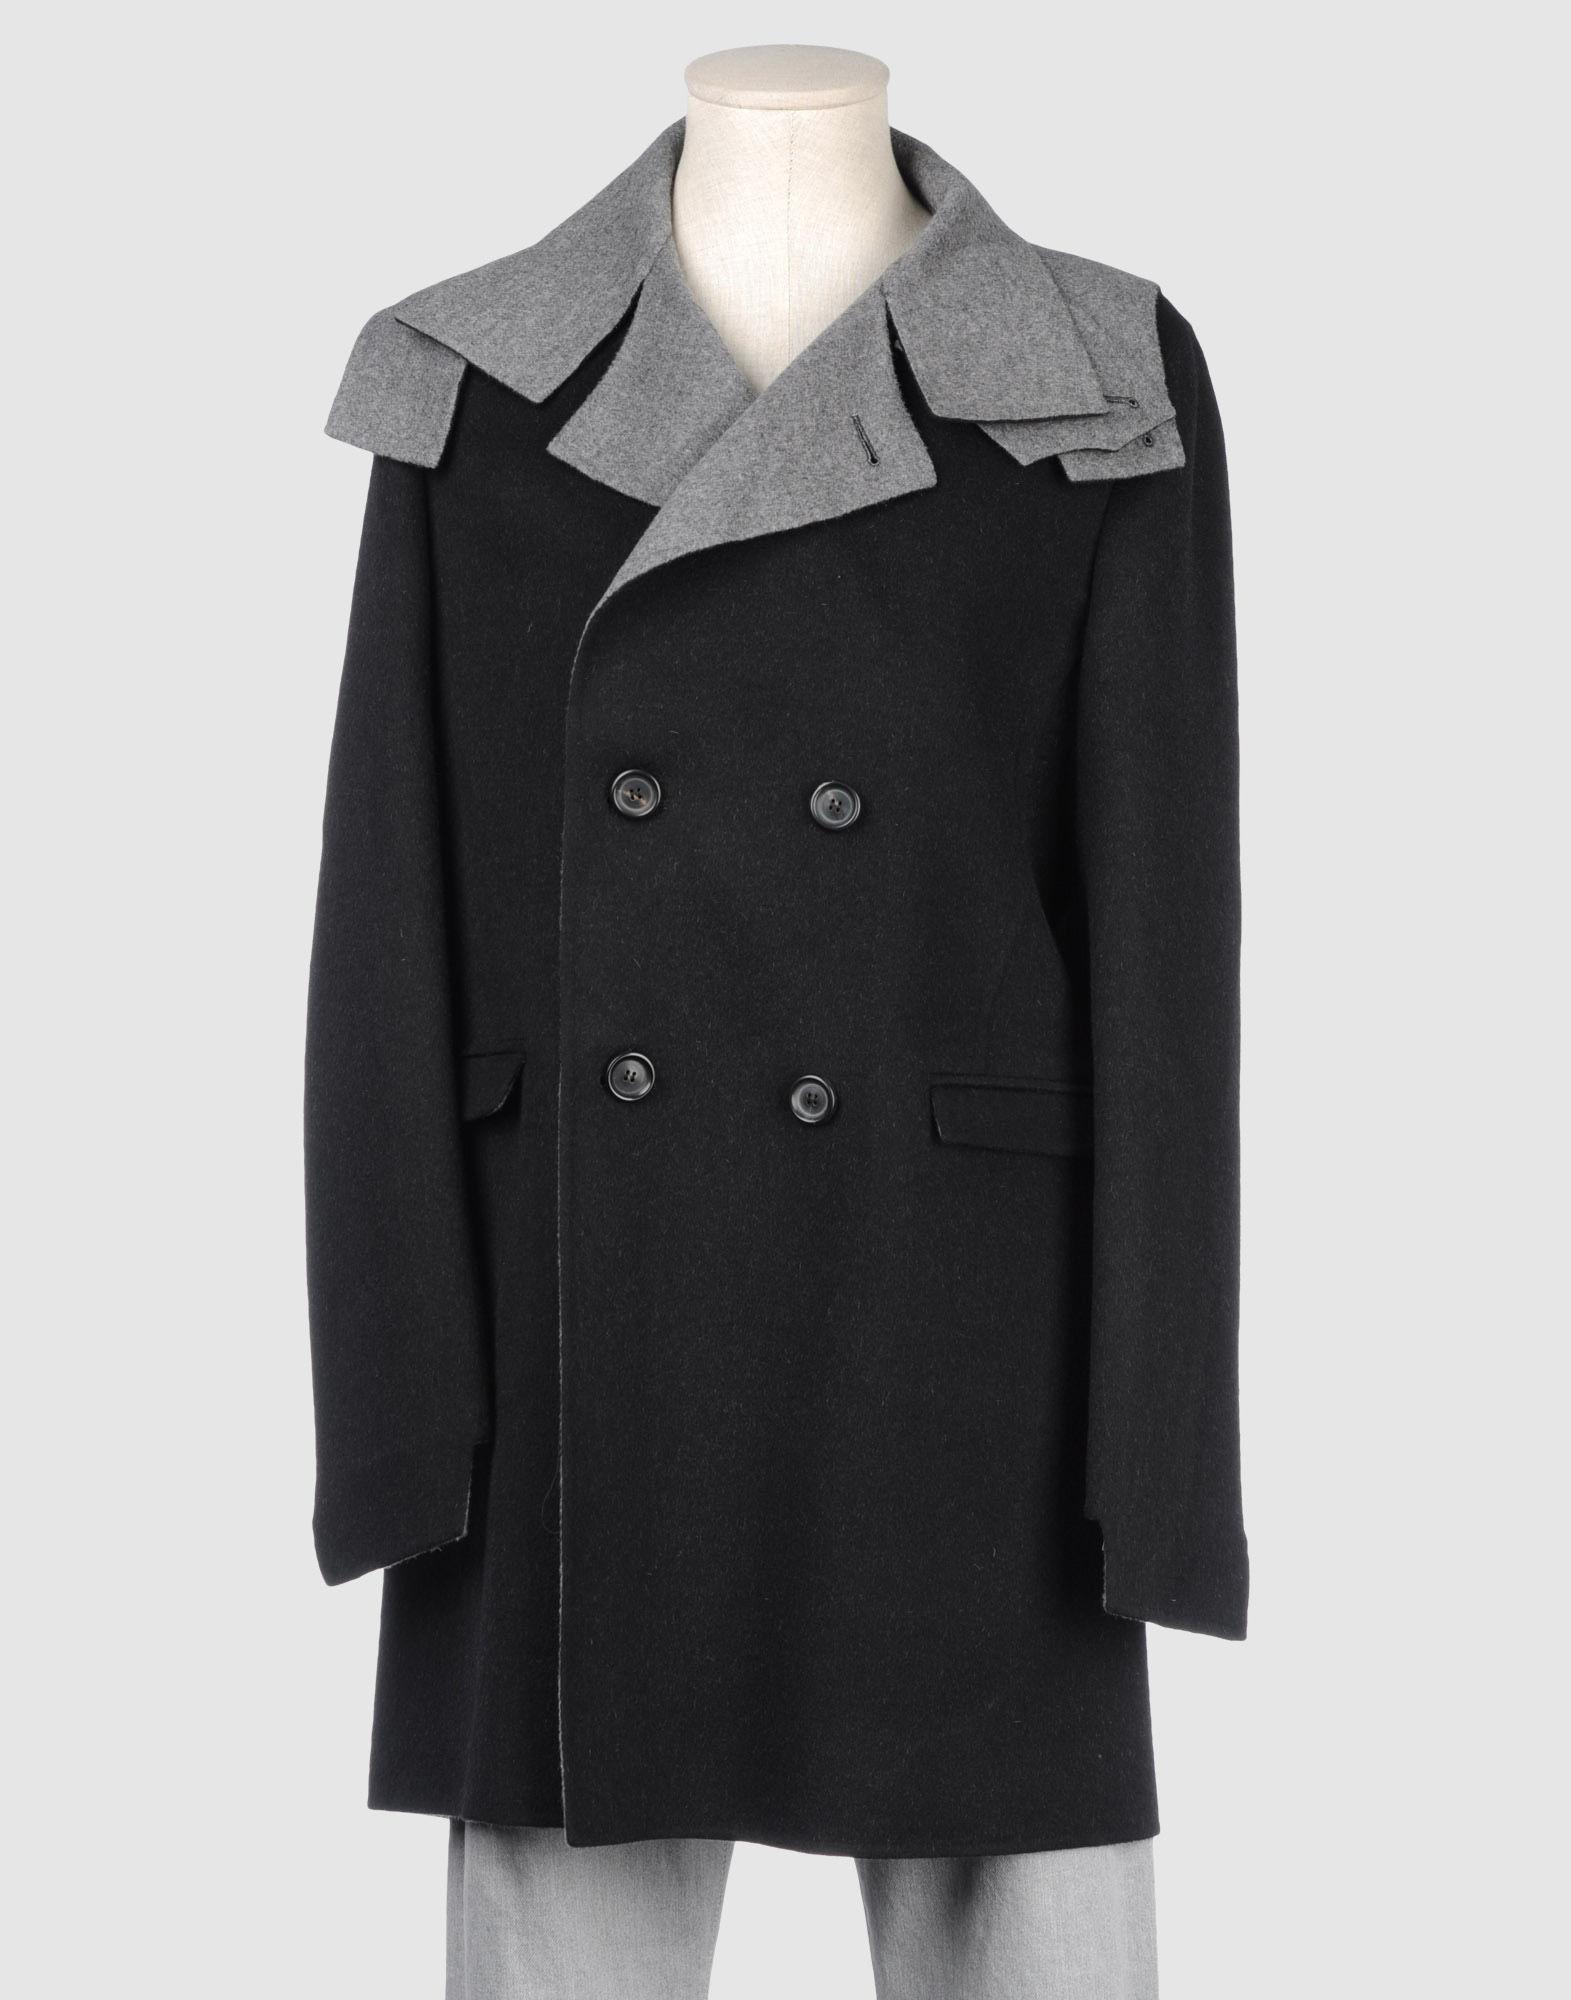 GIULIANO FUJIWARA Mid-Length Jacket in Black